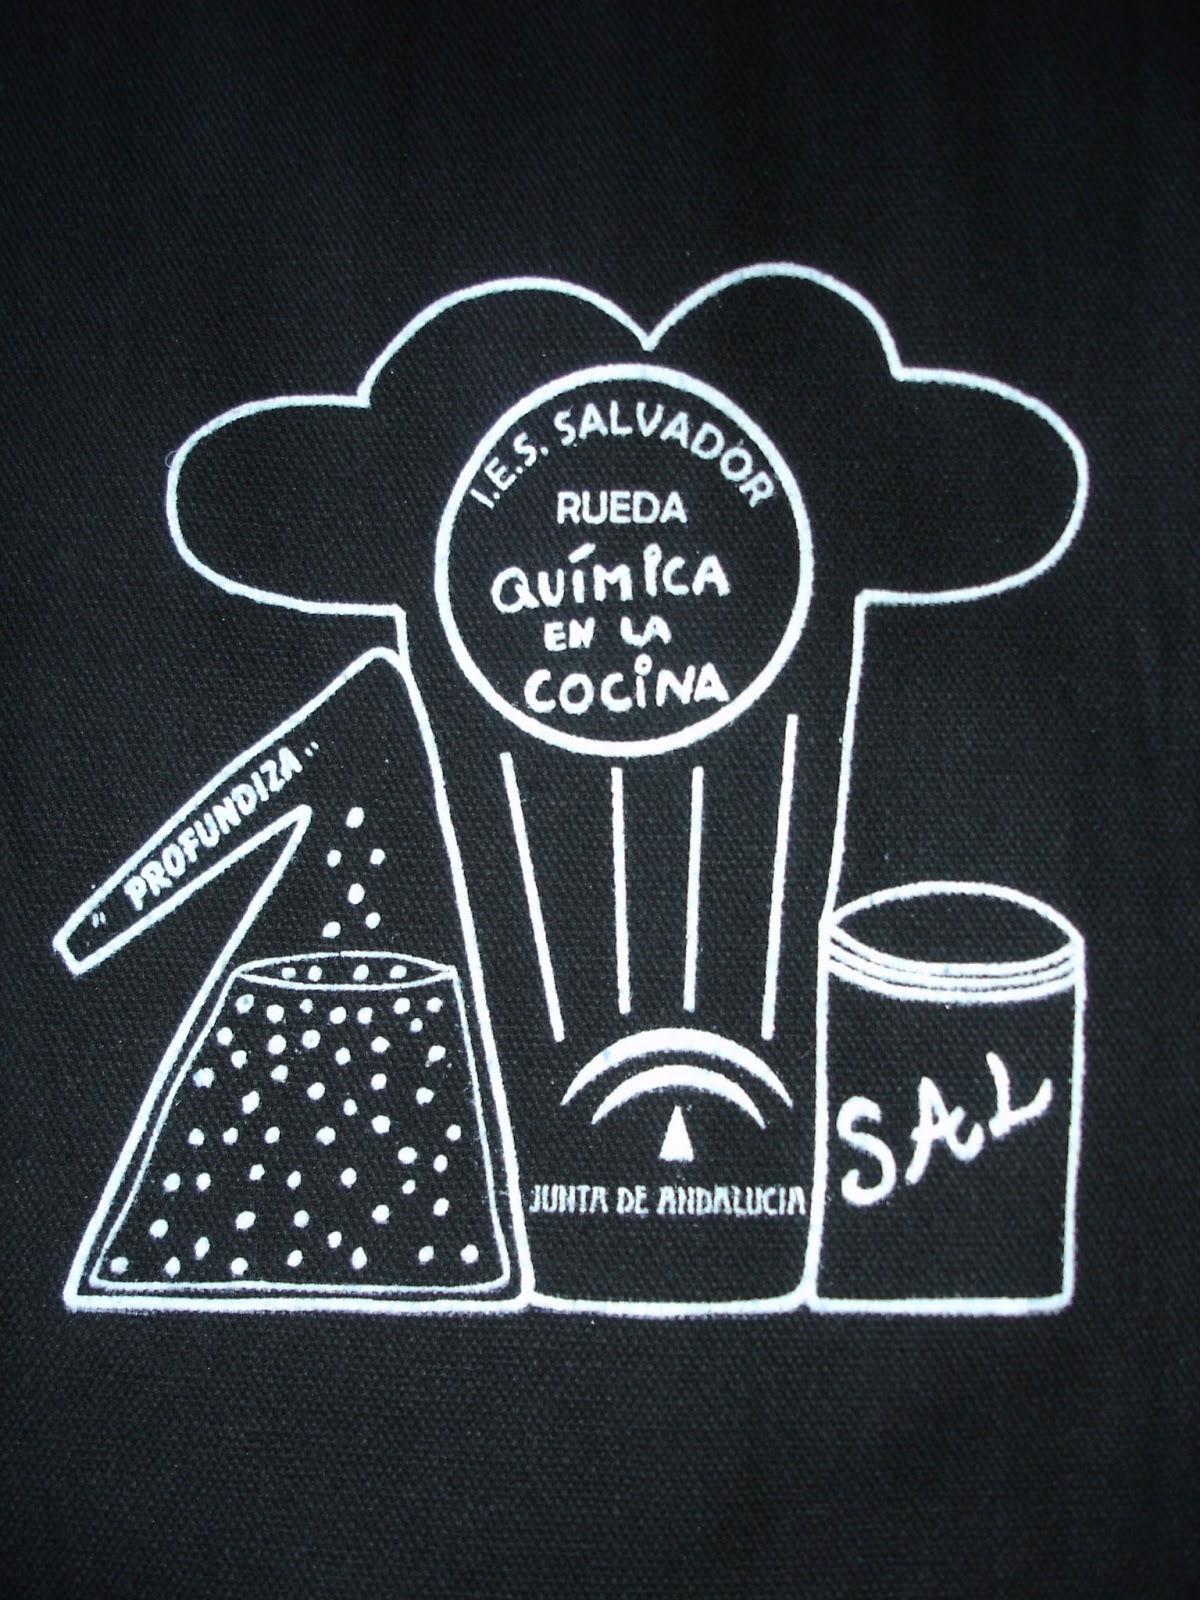 Proyecto profundiza qu mica en la cocina nuestro logo for La quimica y la cocina pdf